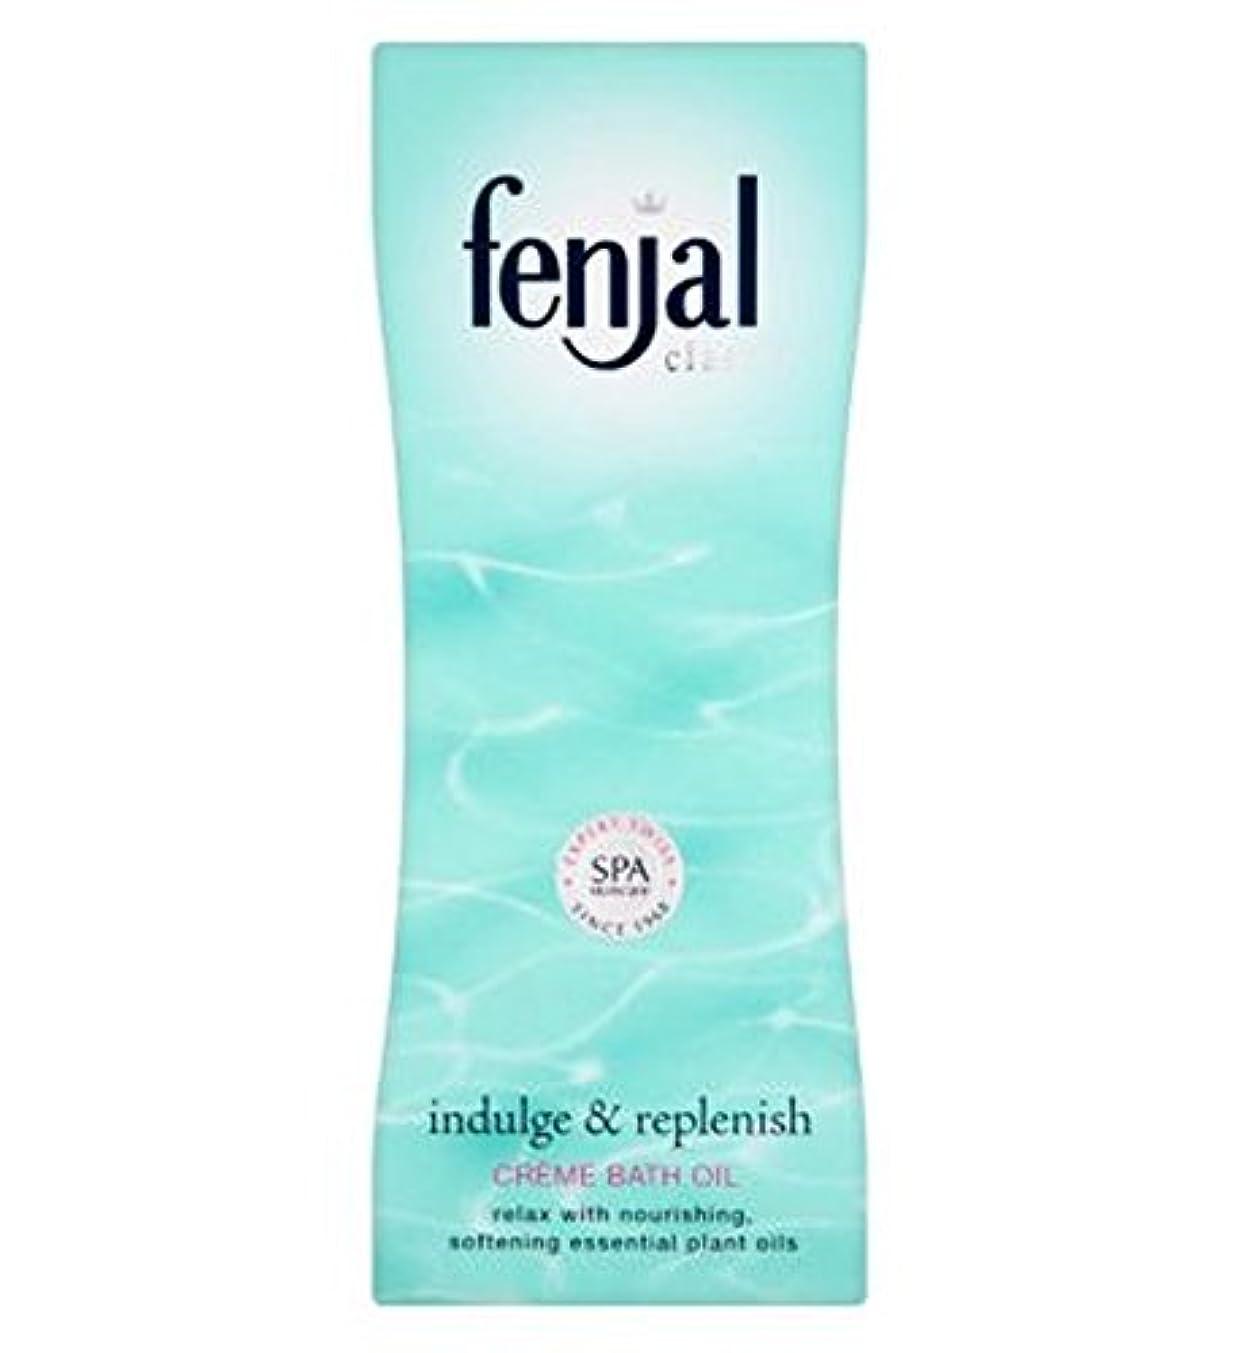 スキム教師の日失うFenjal Classic Luxury Creme Bath Oil - Fenjal古典的な高級クリームバスオイル (Fenjal) [並行輸入品]